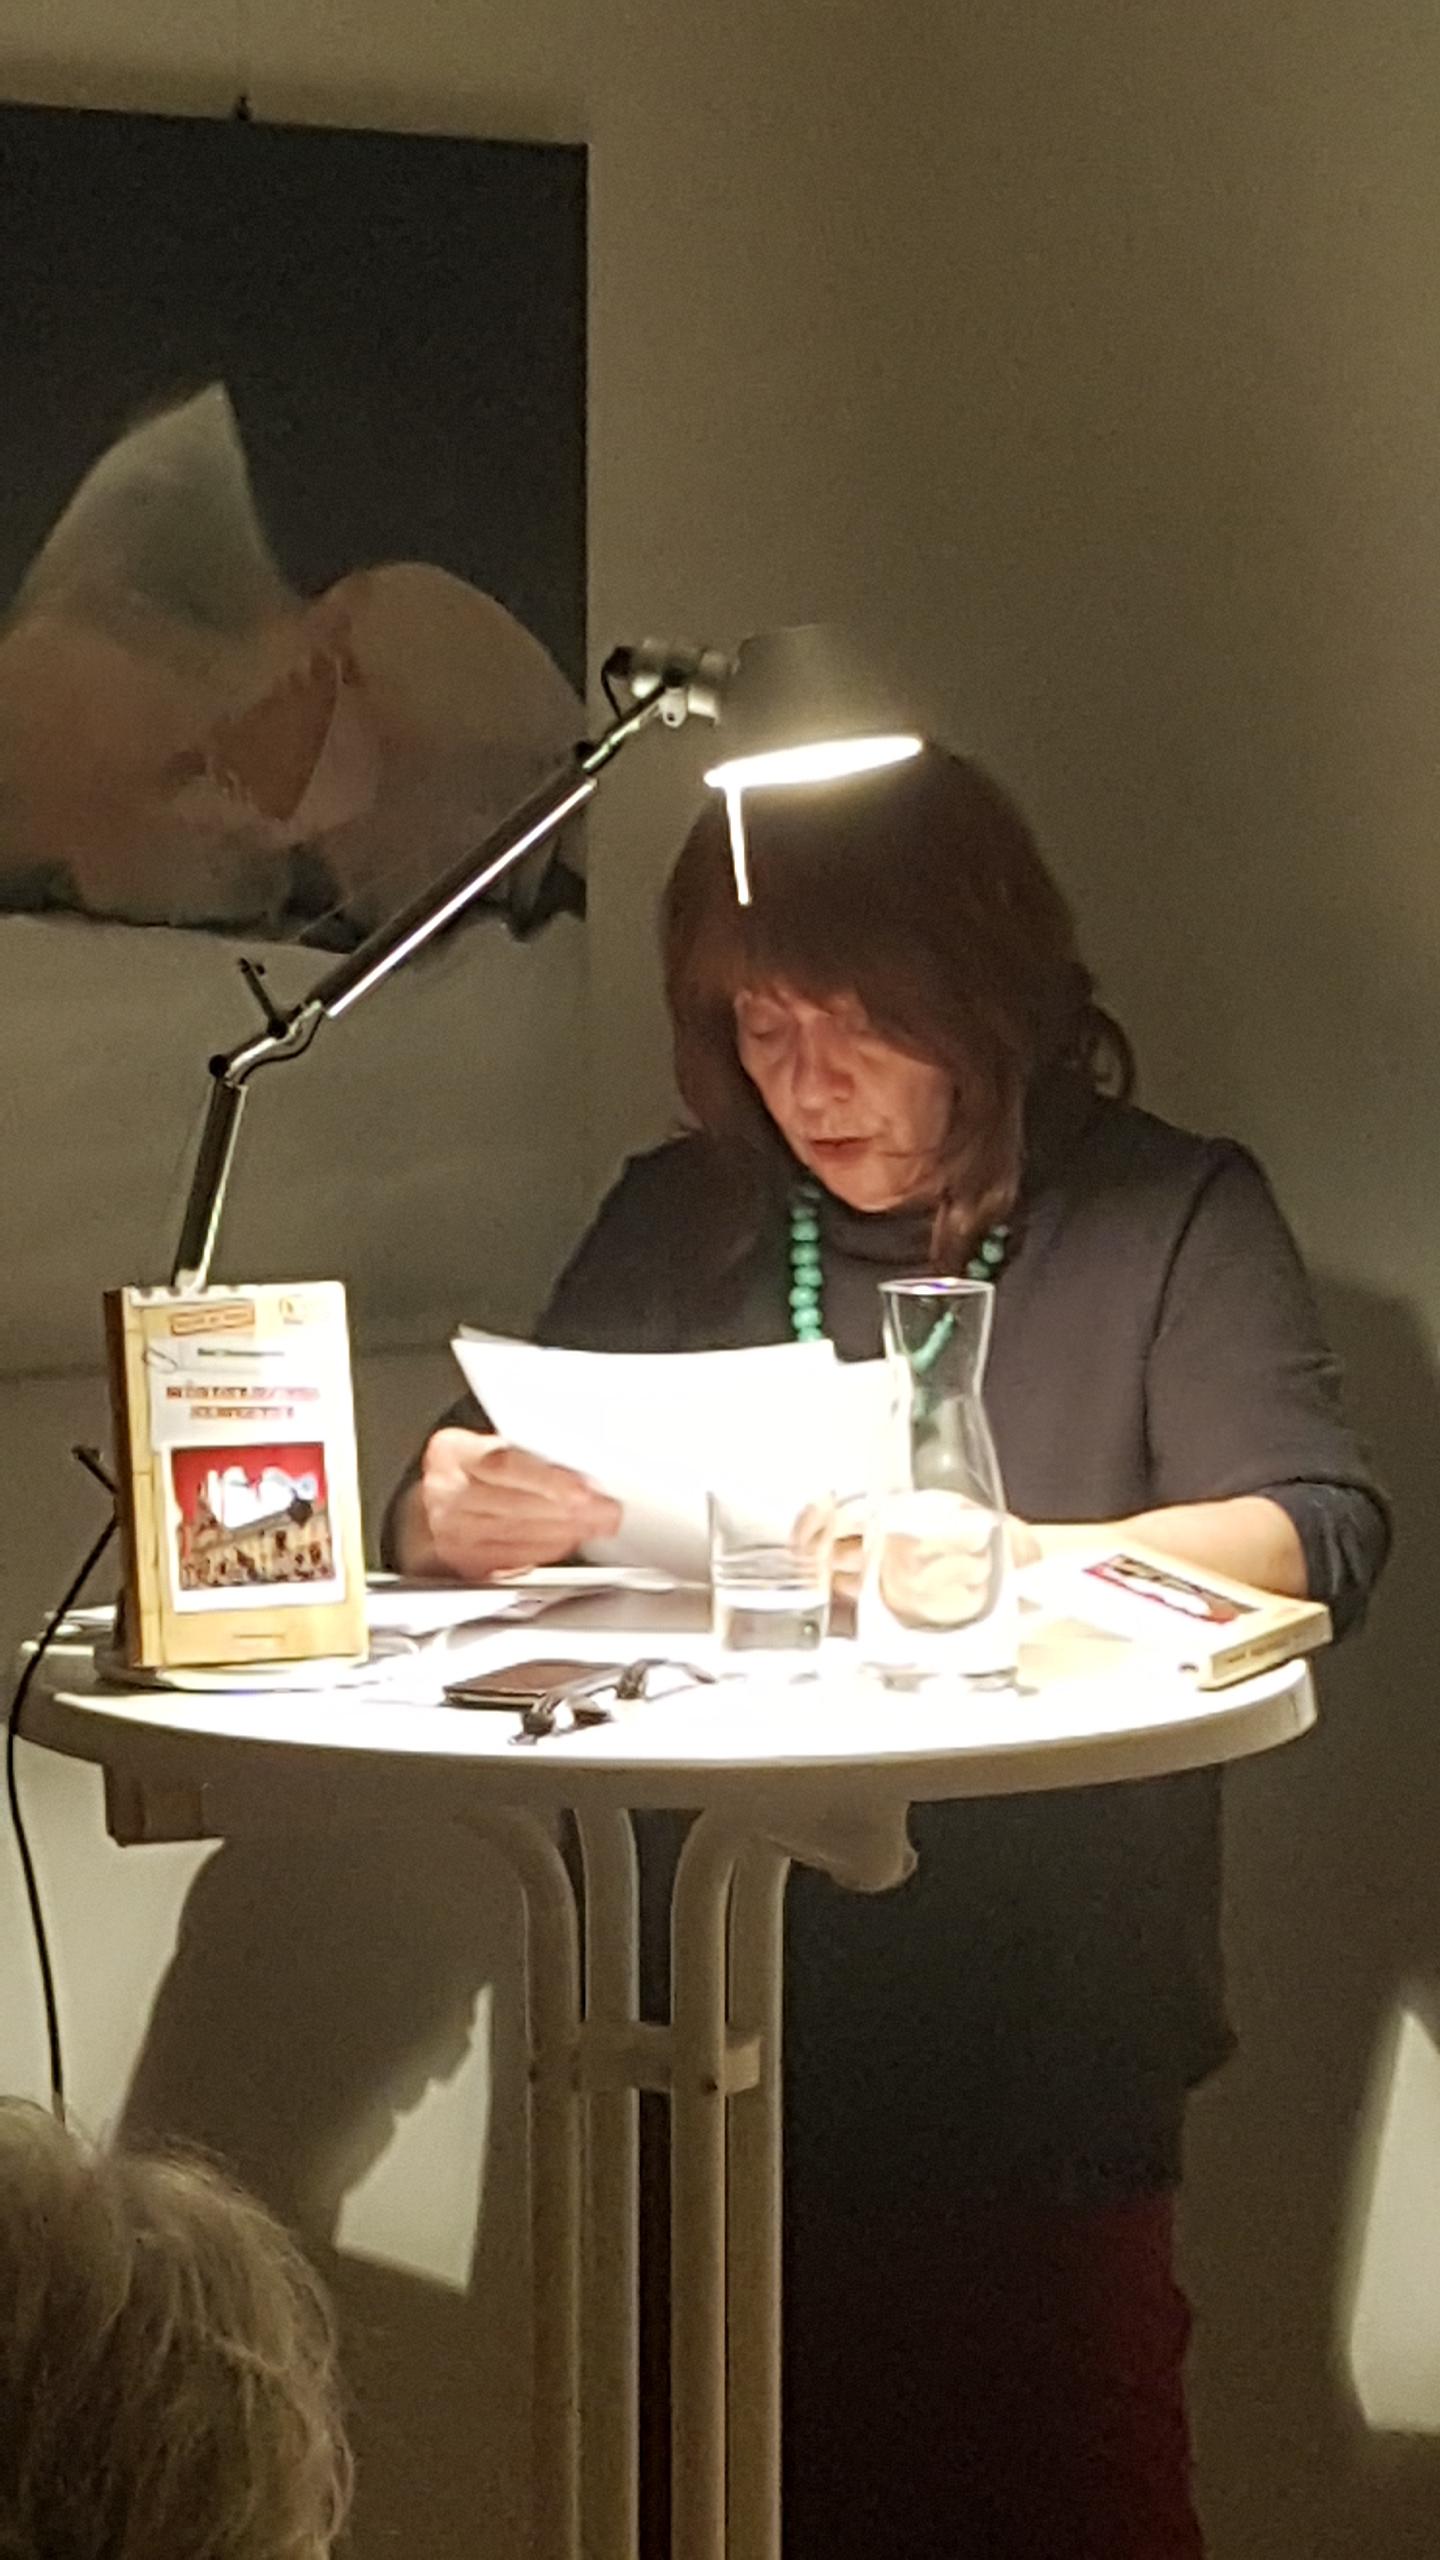 Heidi Schumacher